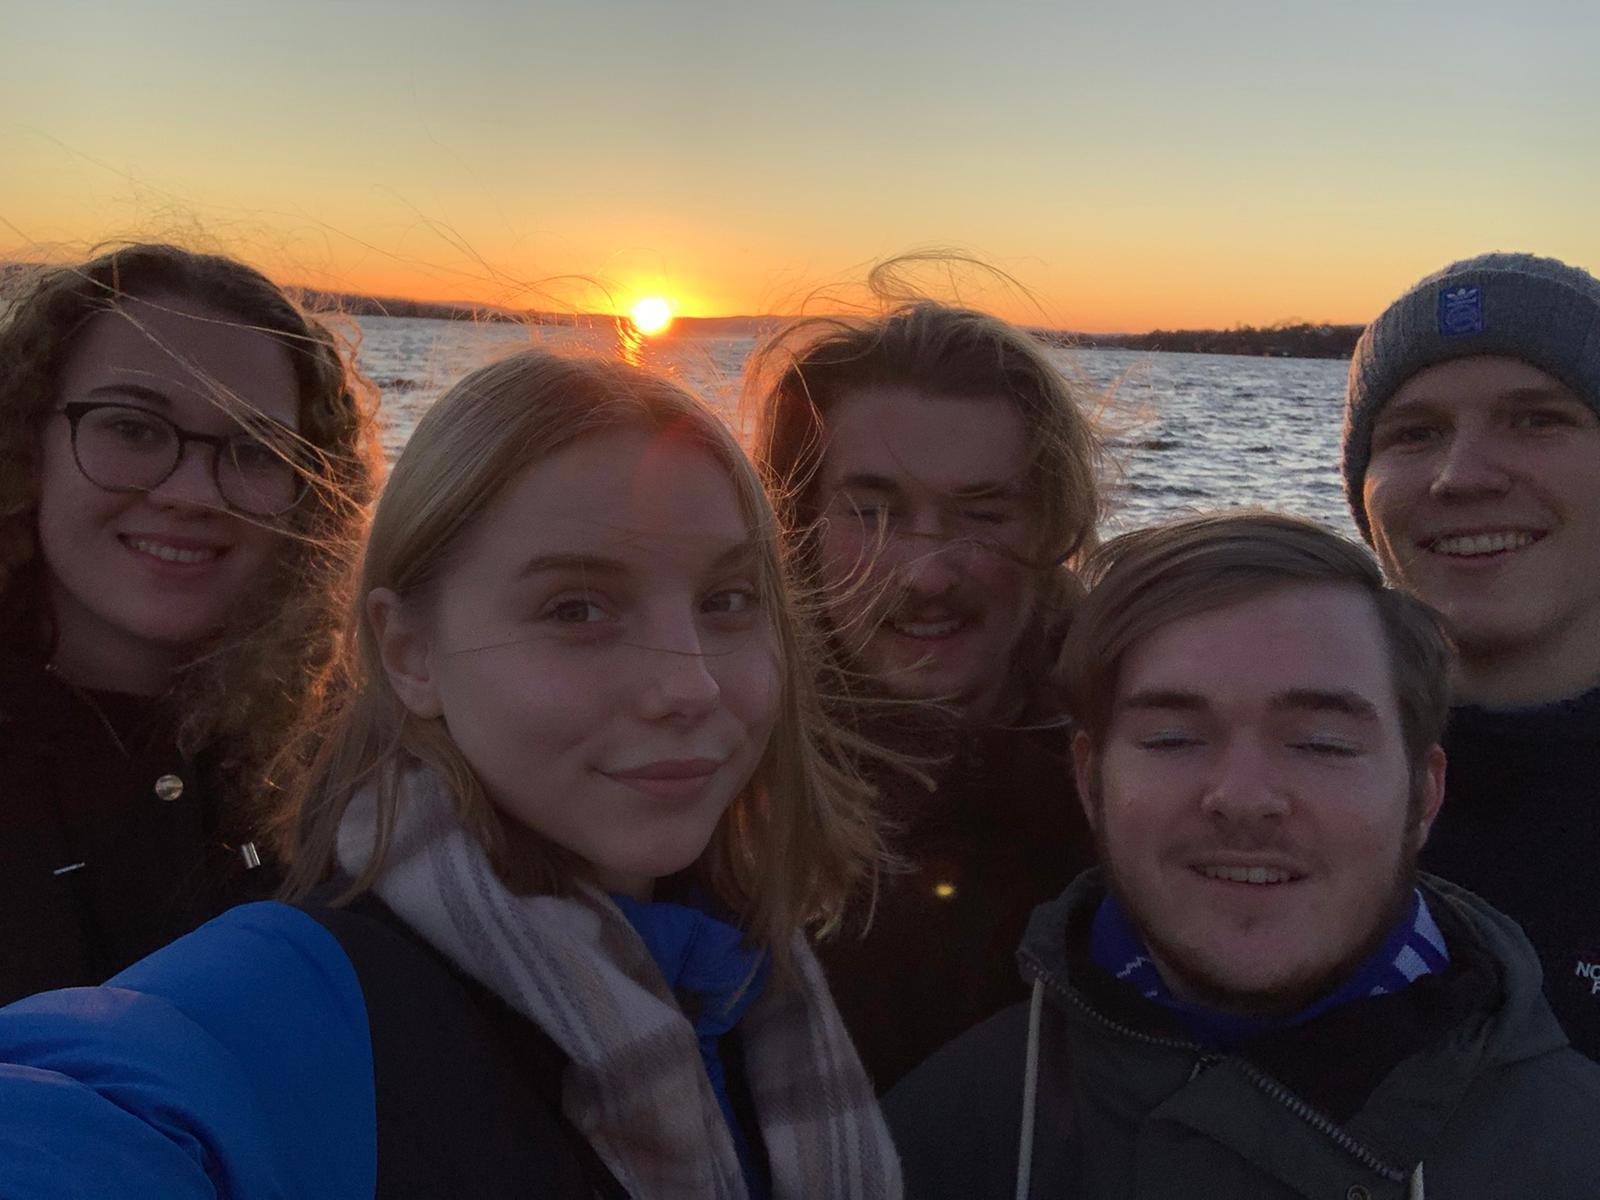 Die Praktikanten aus Norwegen versammelt: Elske, Franke, Jonas, Tim, Paul (v.l.)